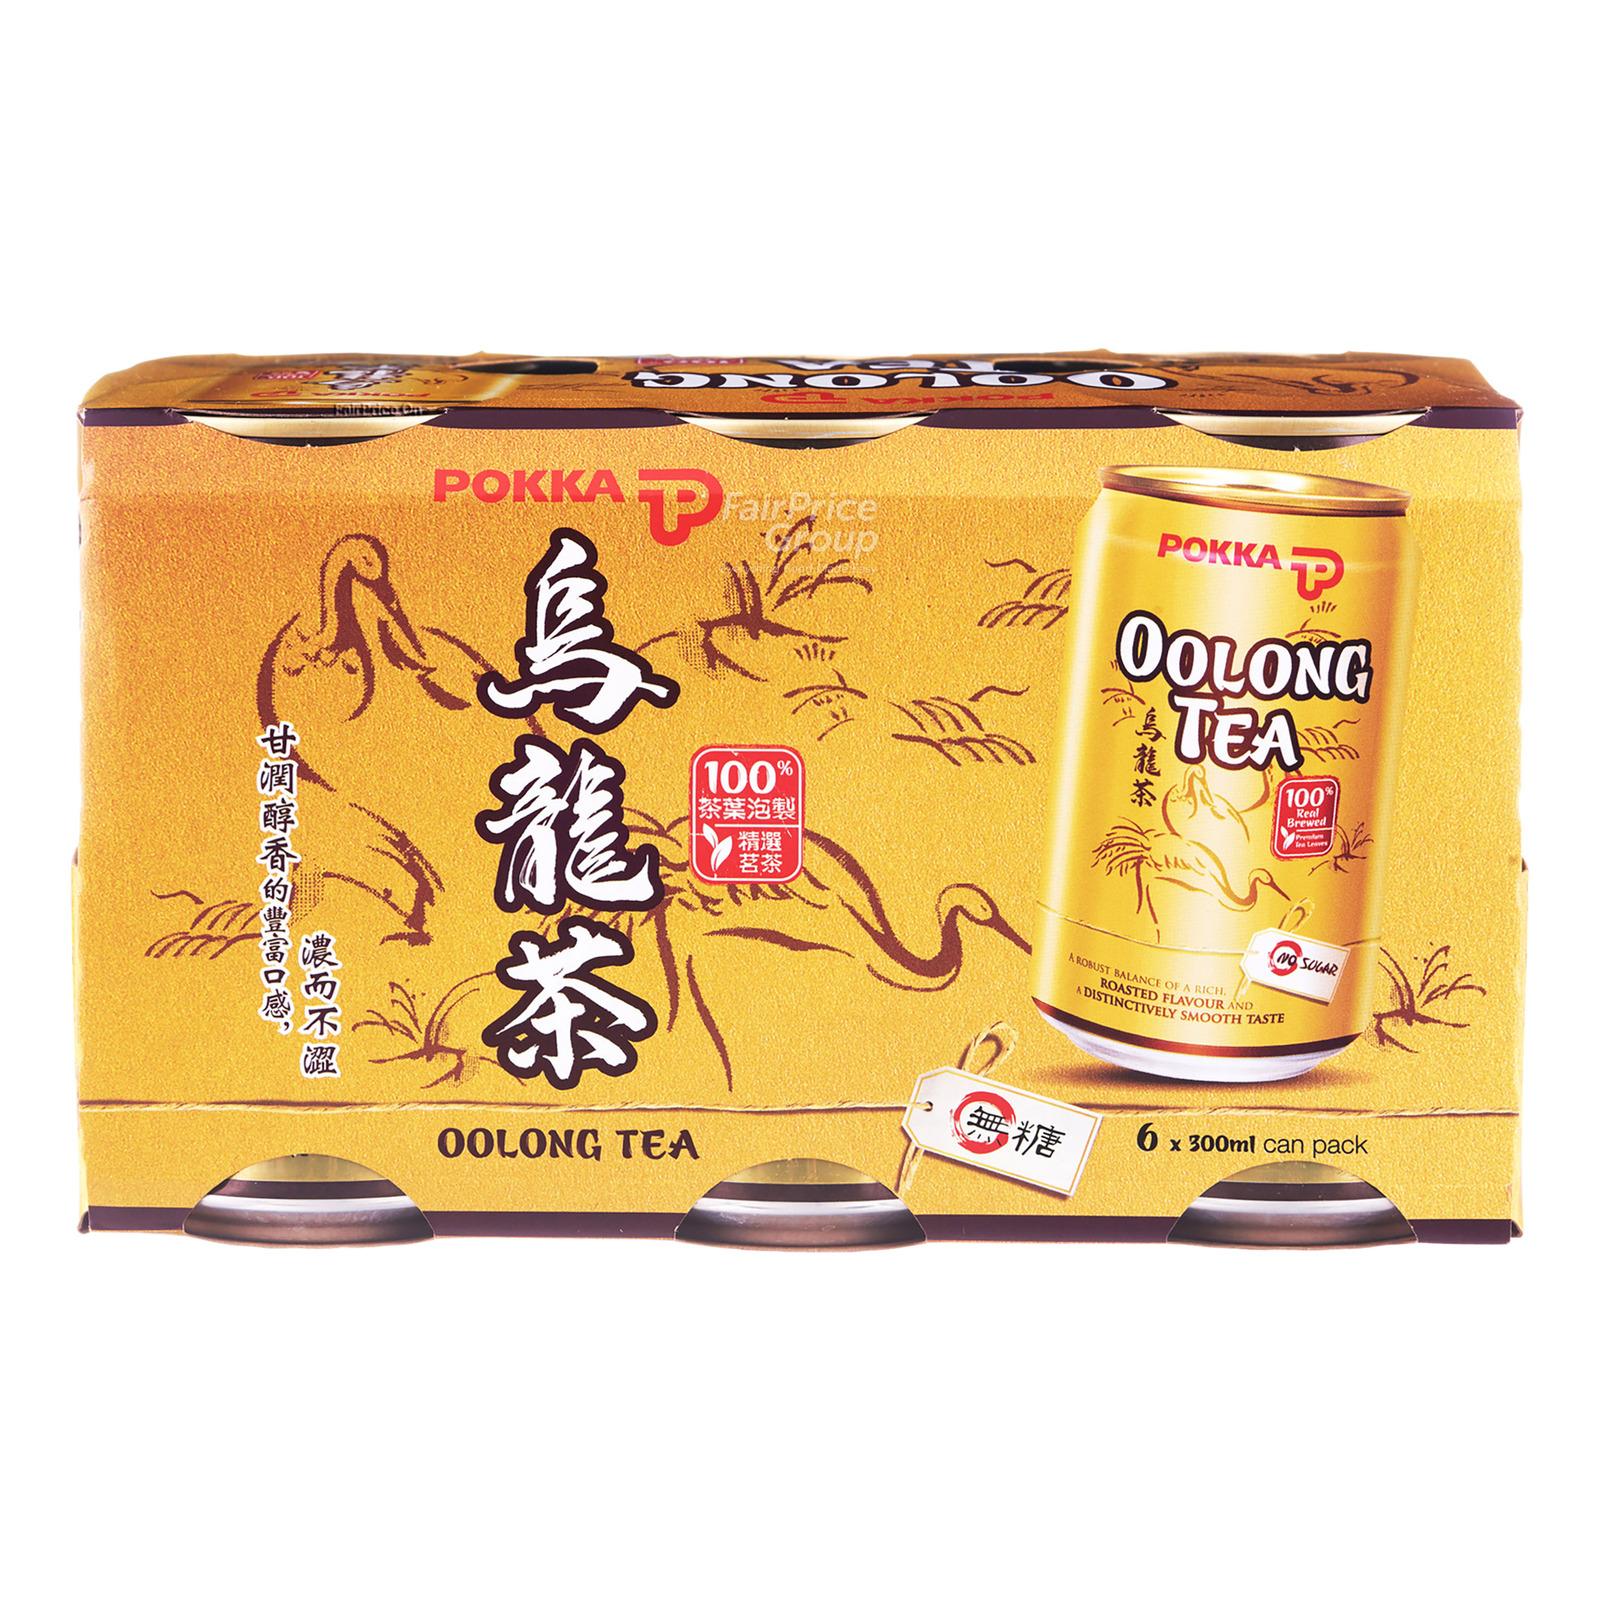 Pokka Can Drink - Oolong Tea (No Sugar Added)